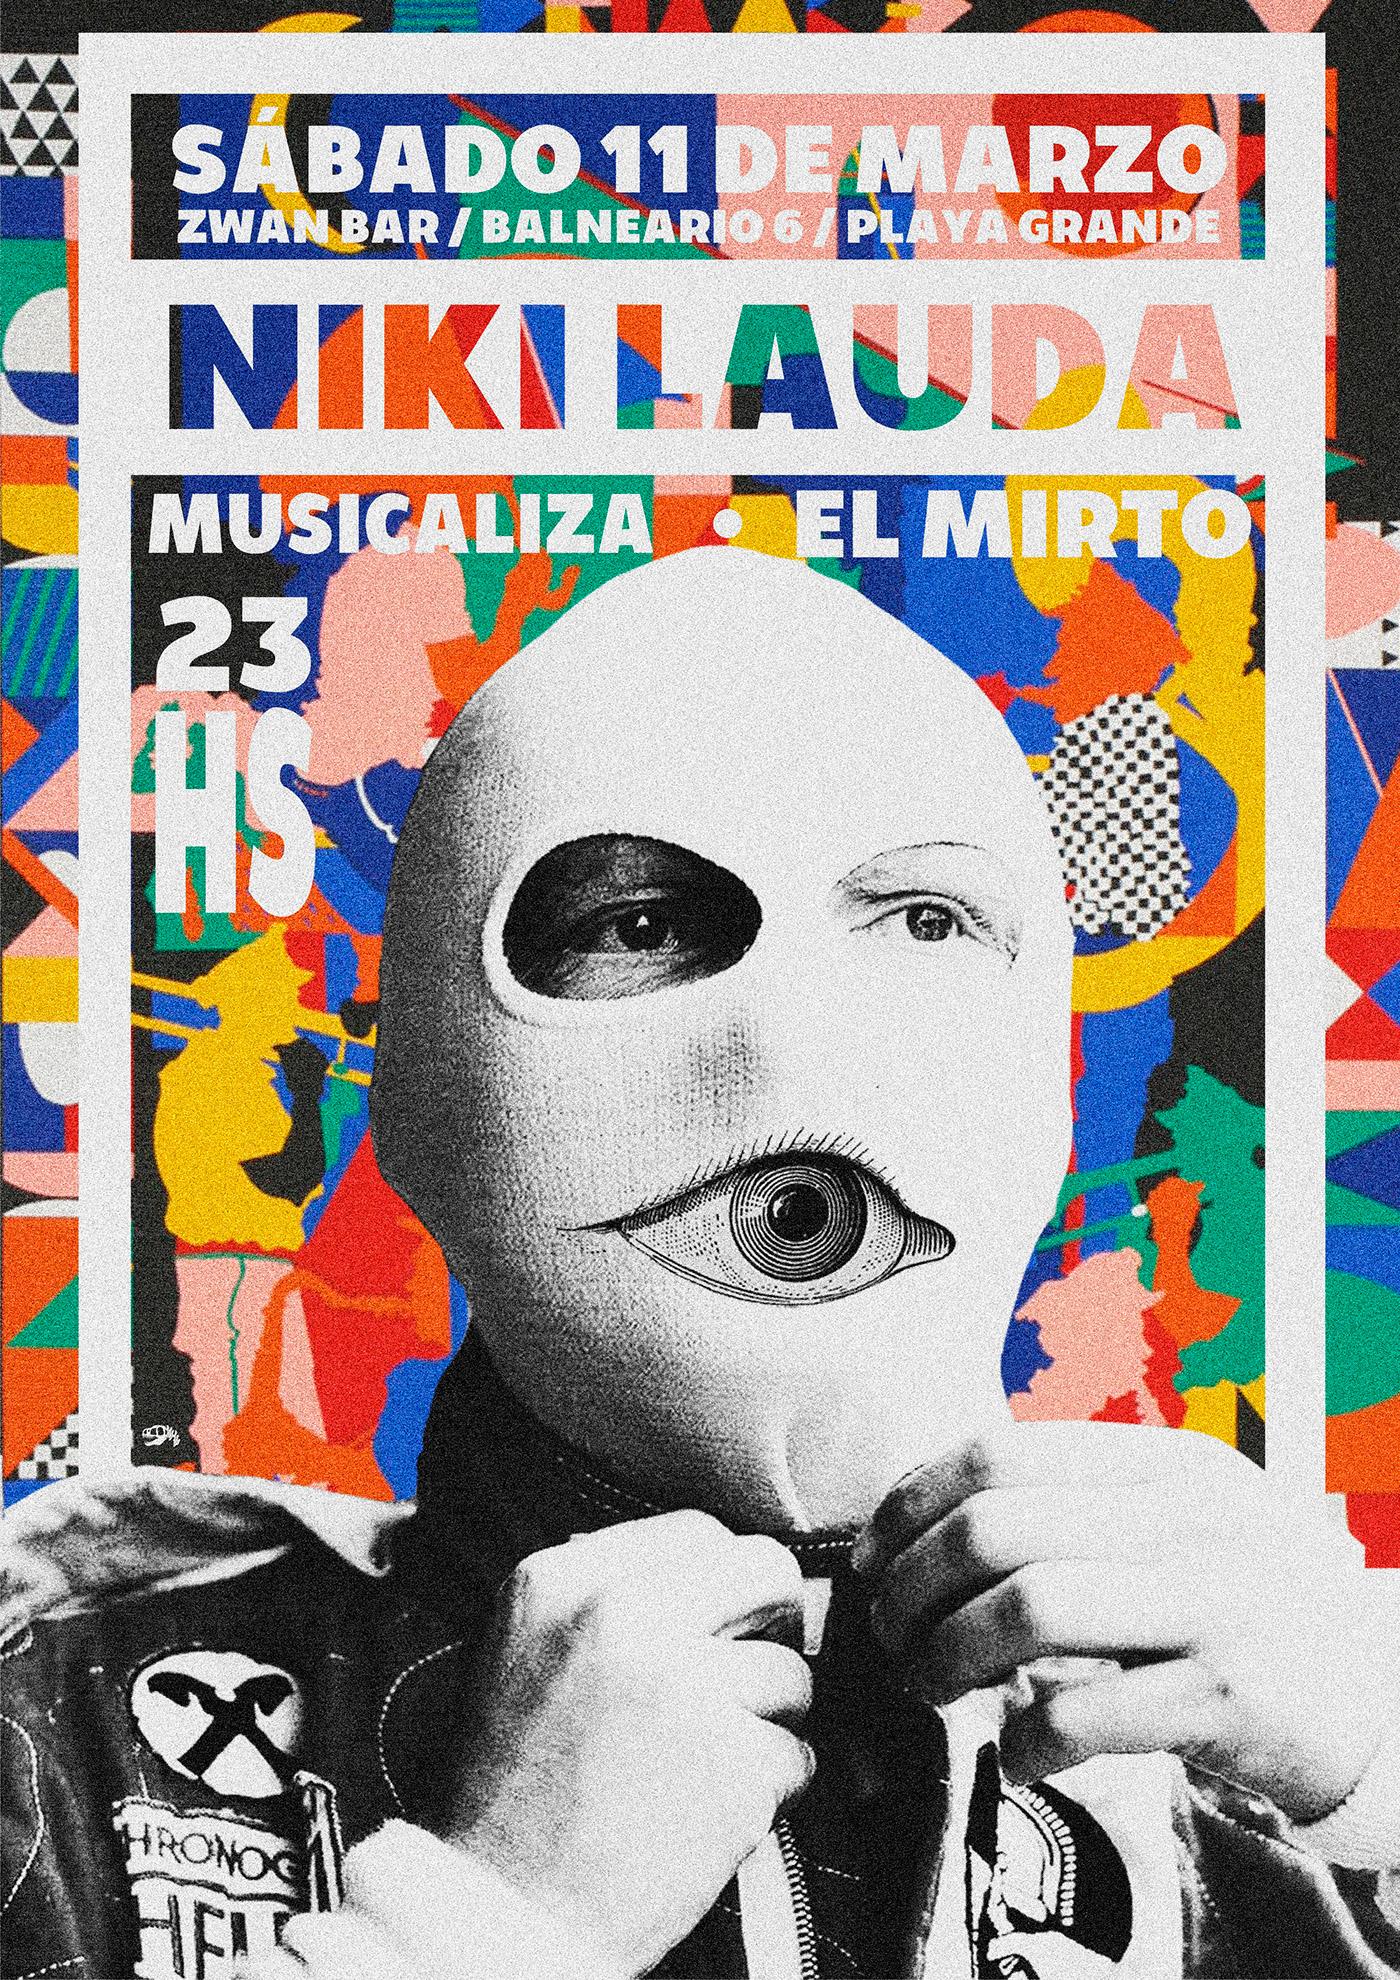 Niki Lauda,zwan bar,jazz,mar del